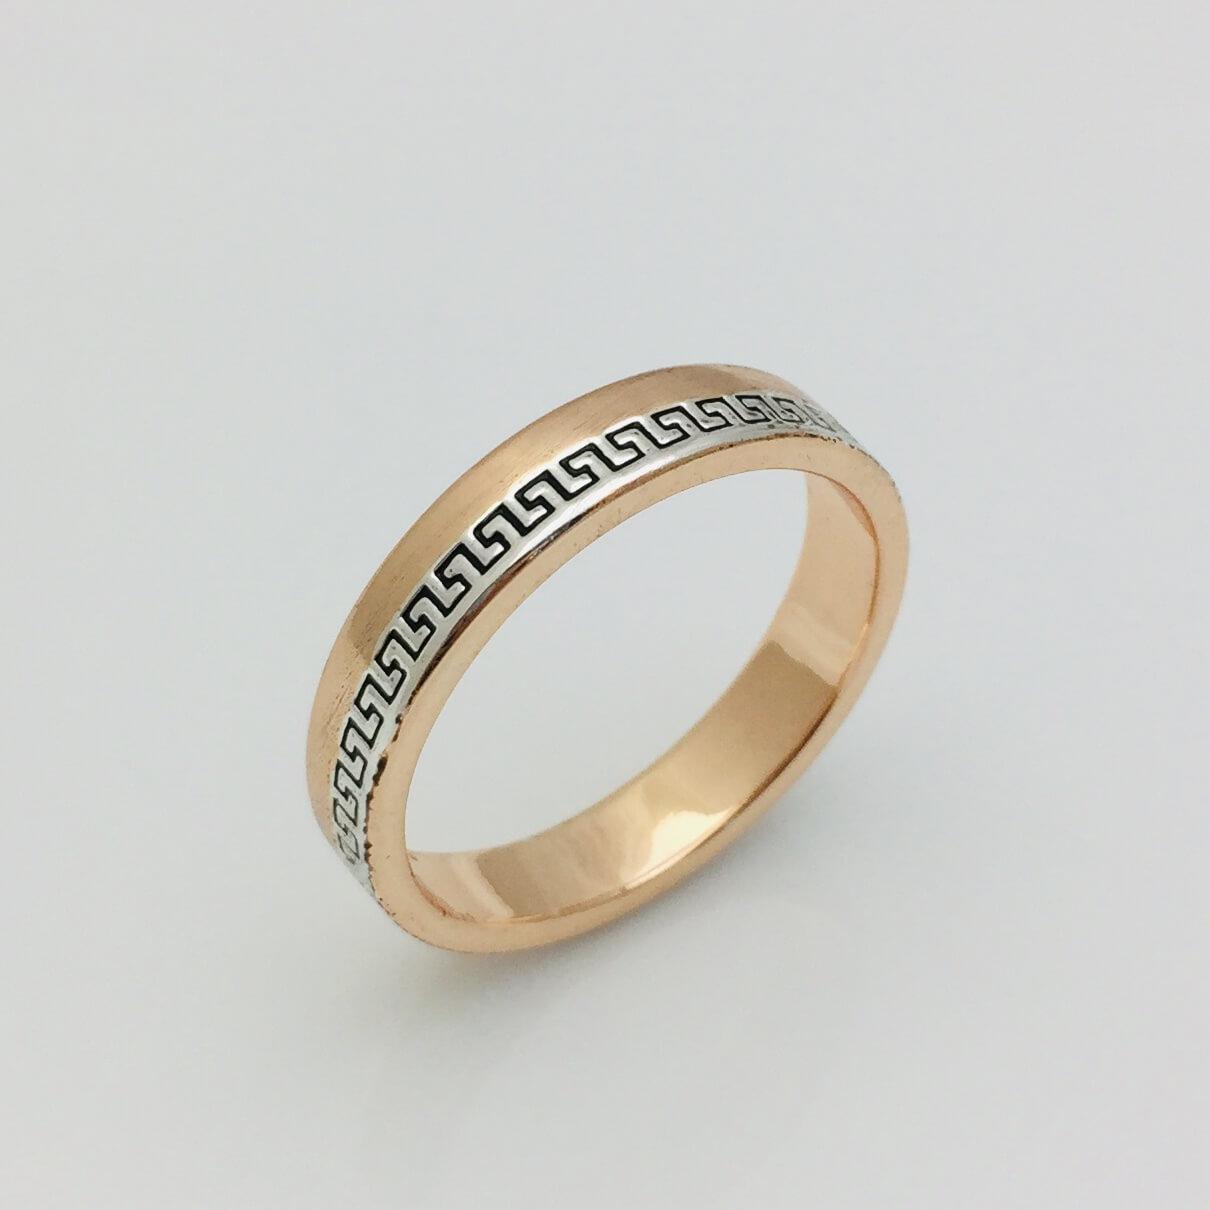 Кольцо женское Венера, размер 18, 19, 20, 22, 23